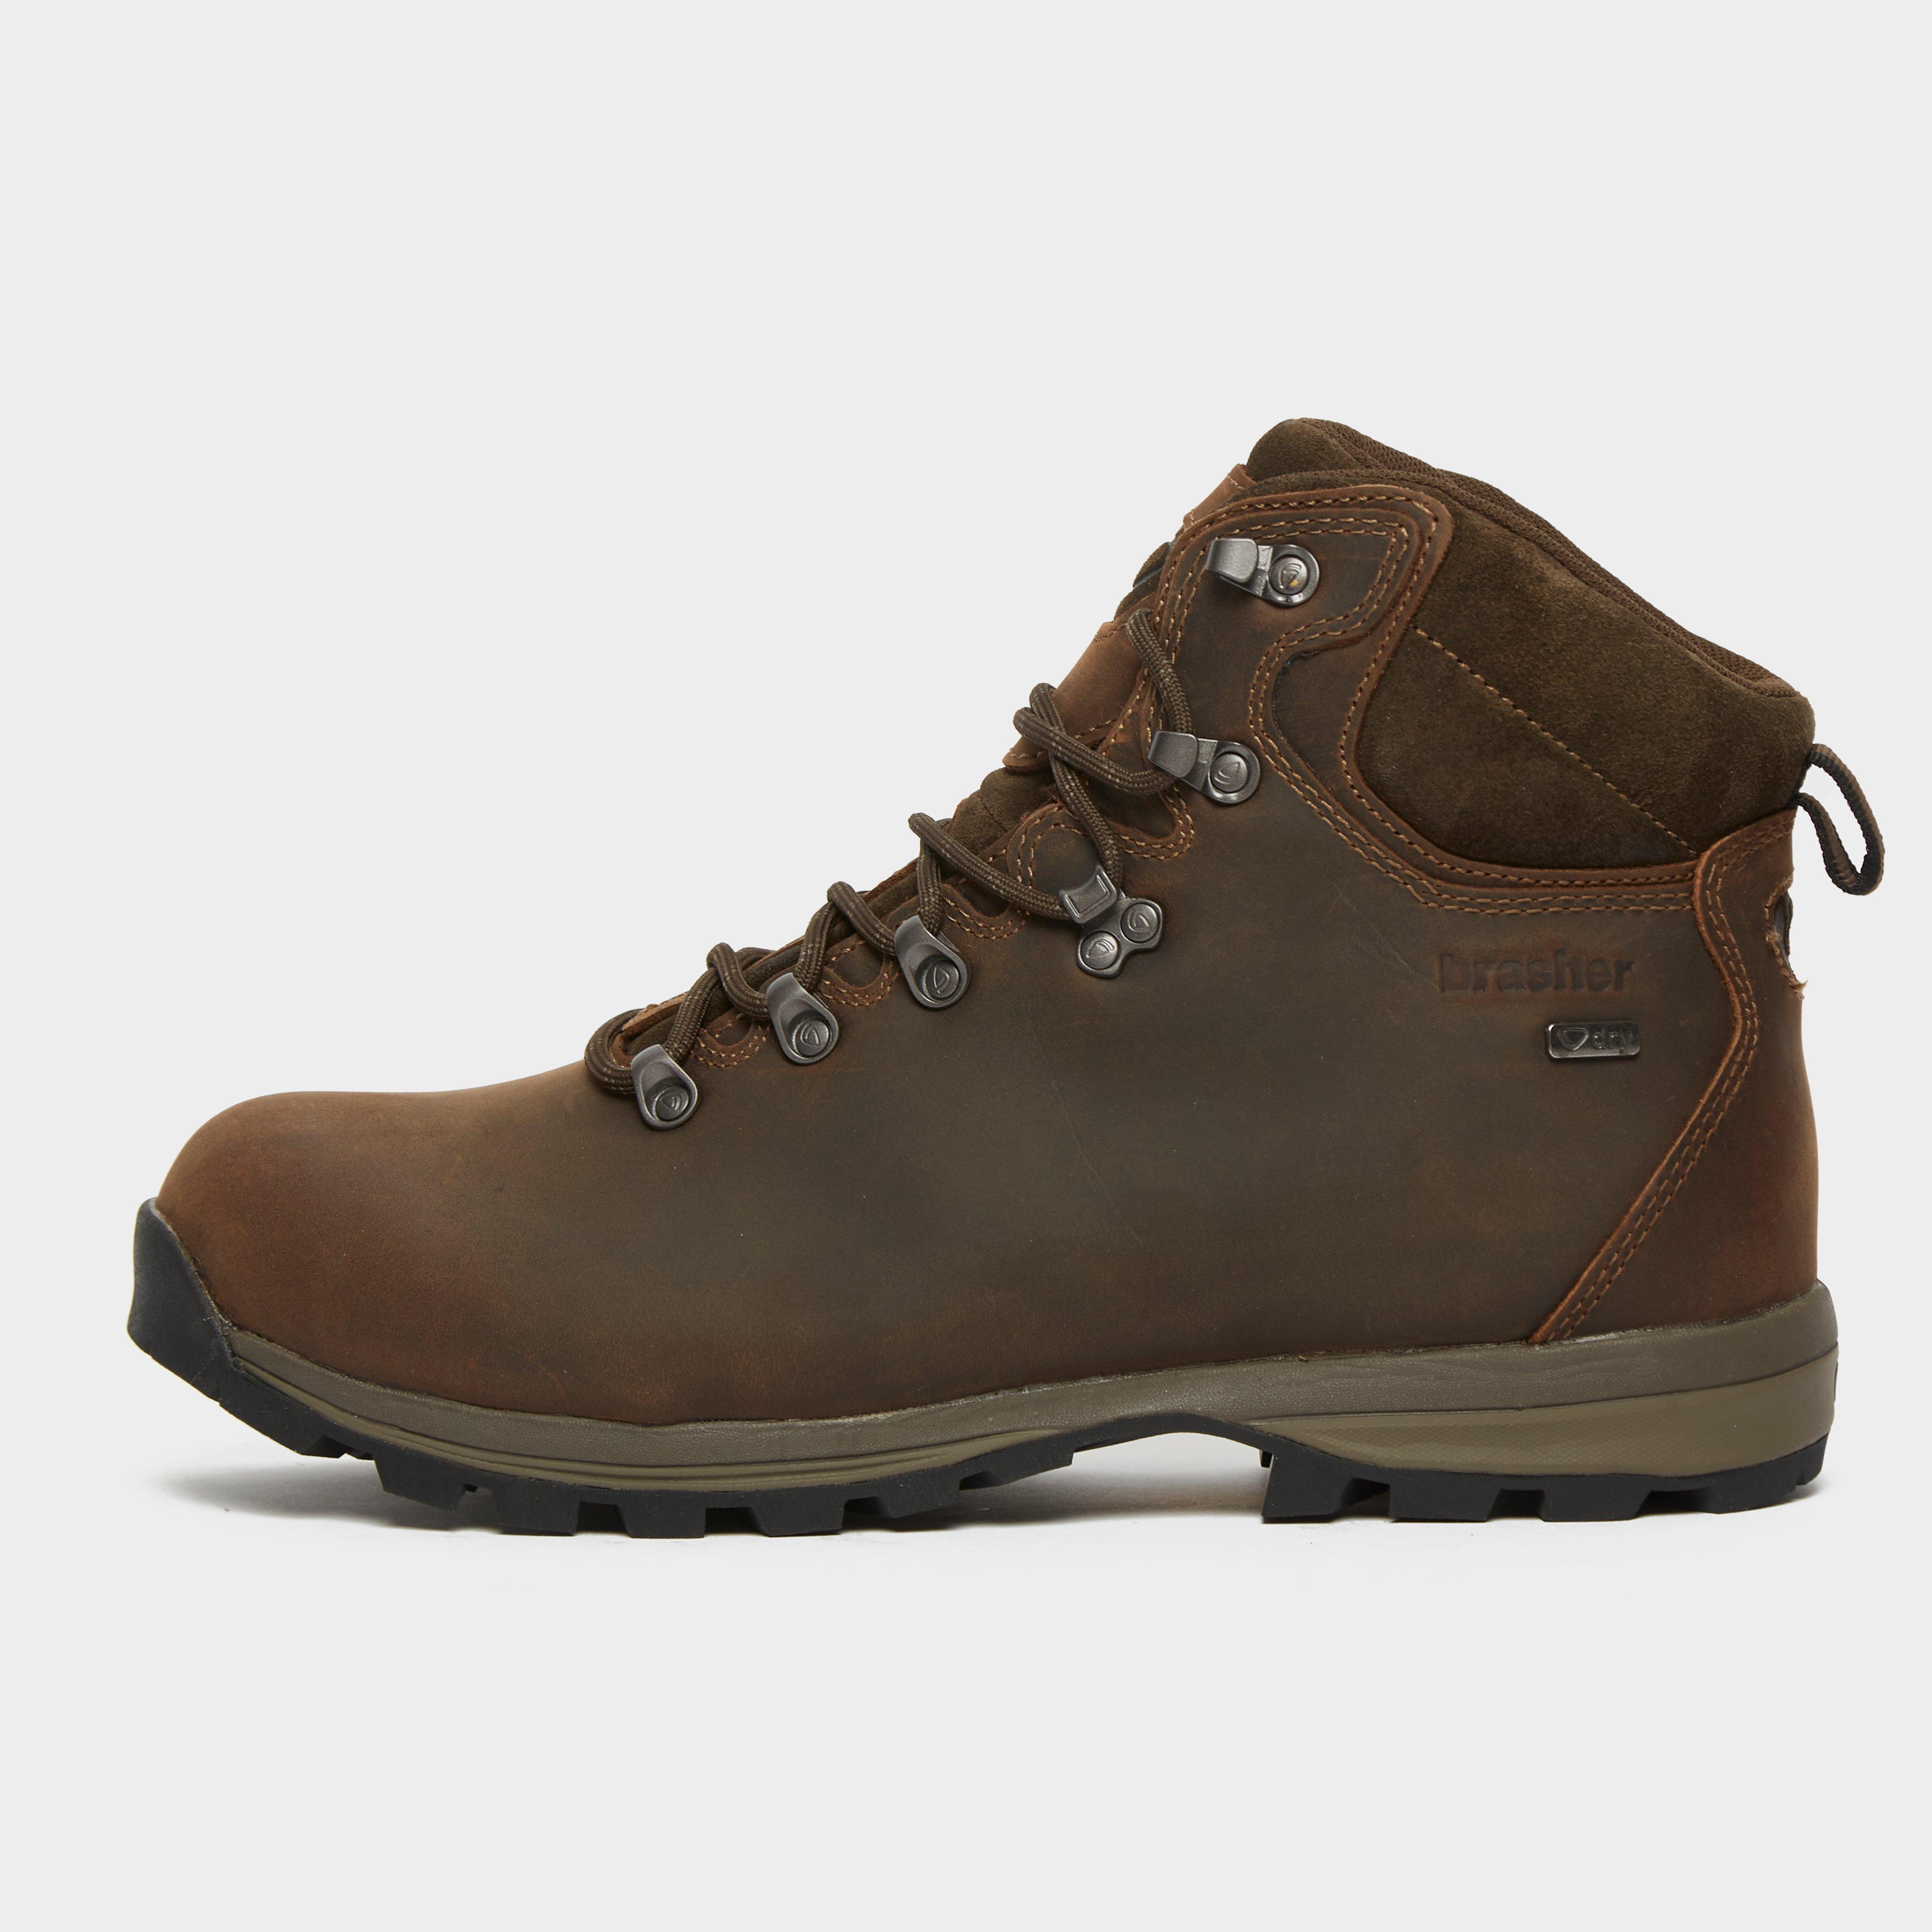 Brasher Mens Country Walker Walking Boots - Brown/brn  Brown/brn